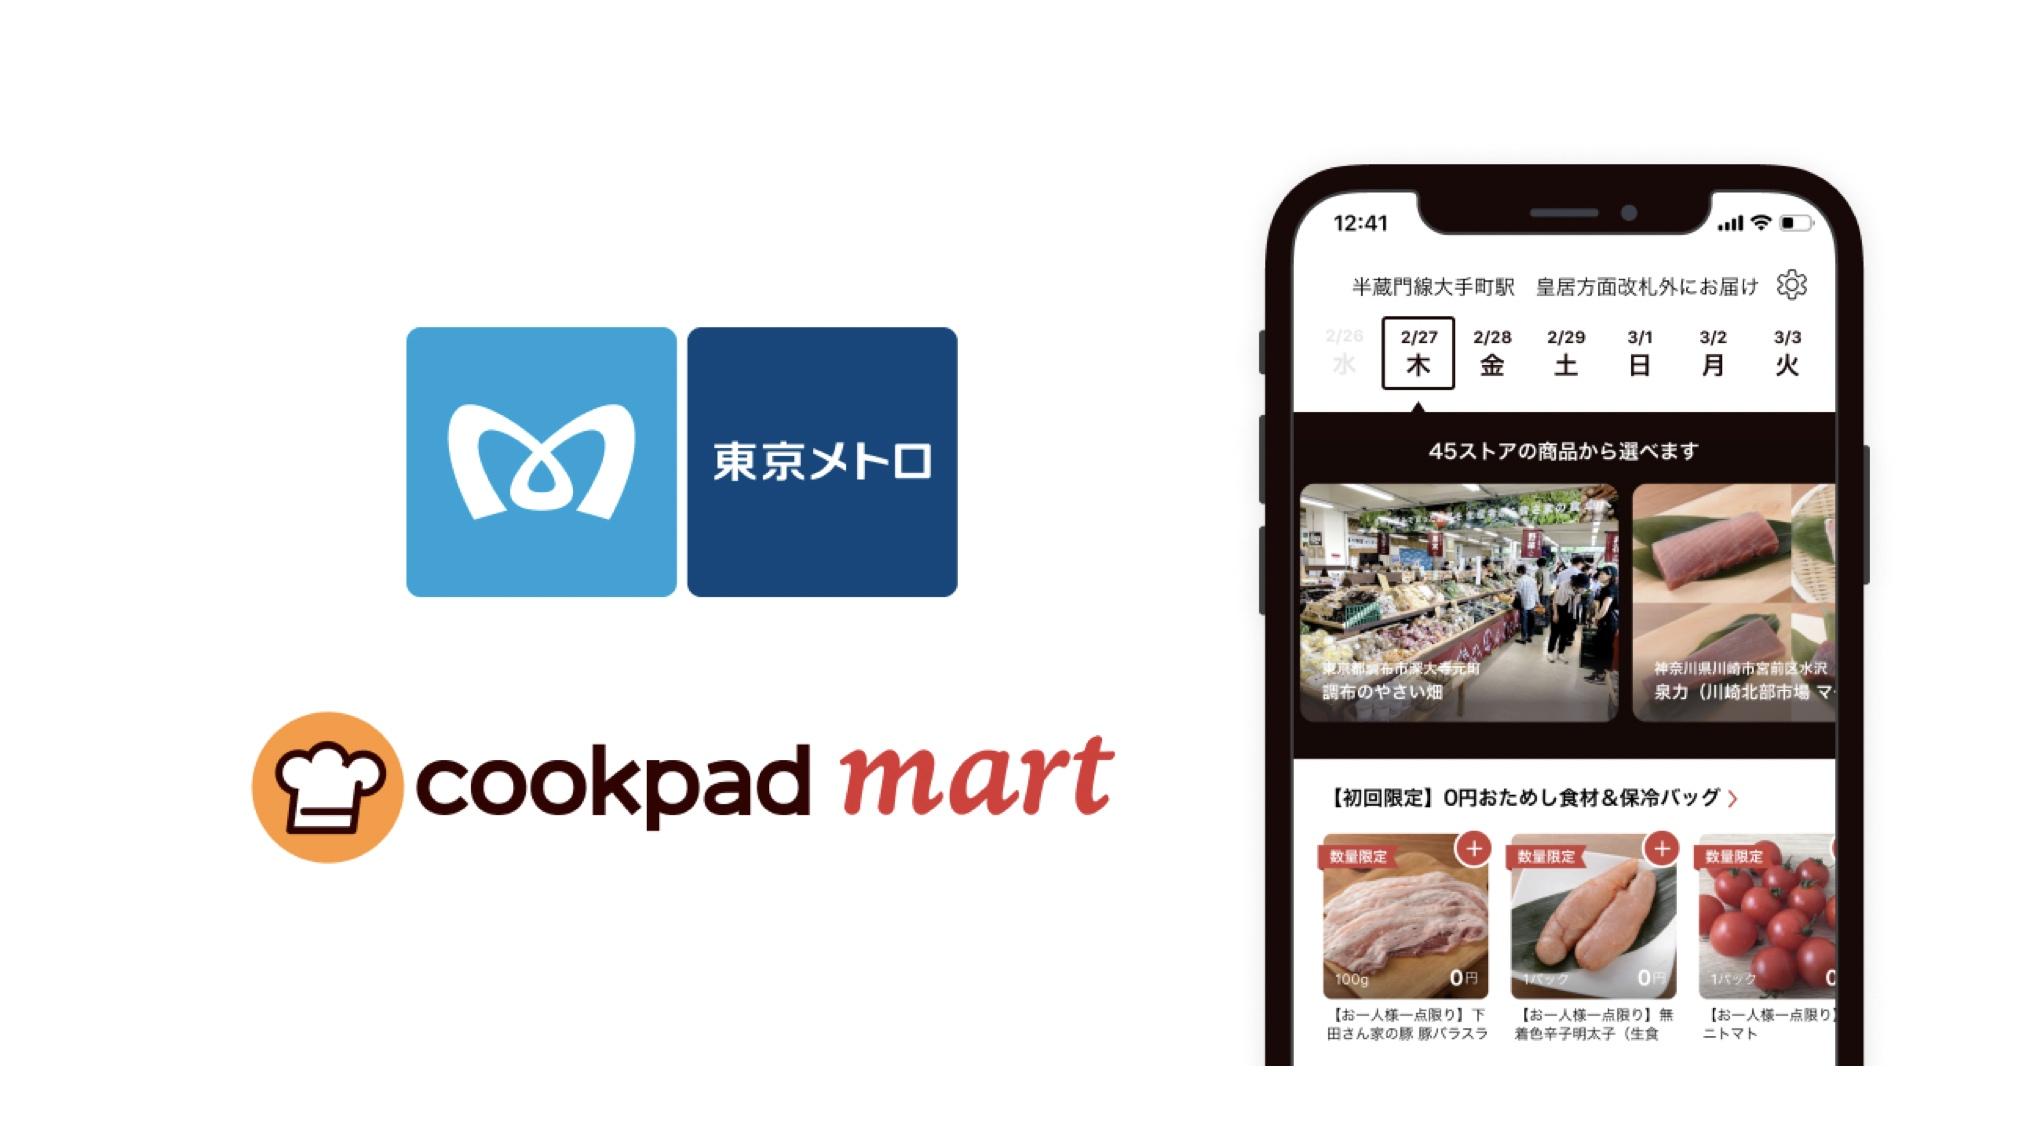 クックパッド×東京メトロ | 駅構内に生鮮食品EC「クックパッドマート」を導入開始